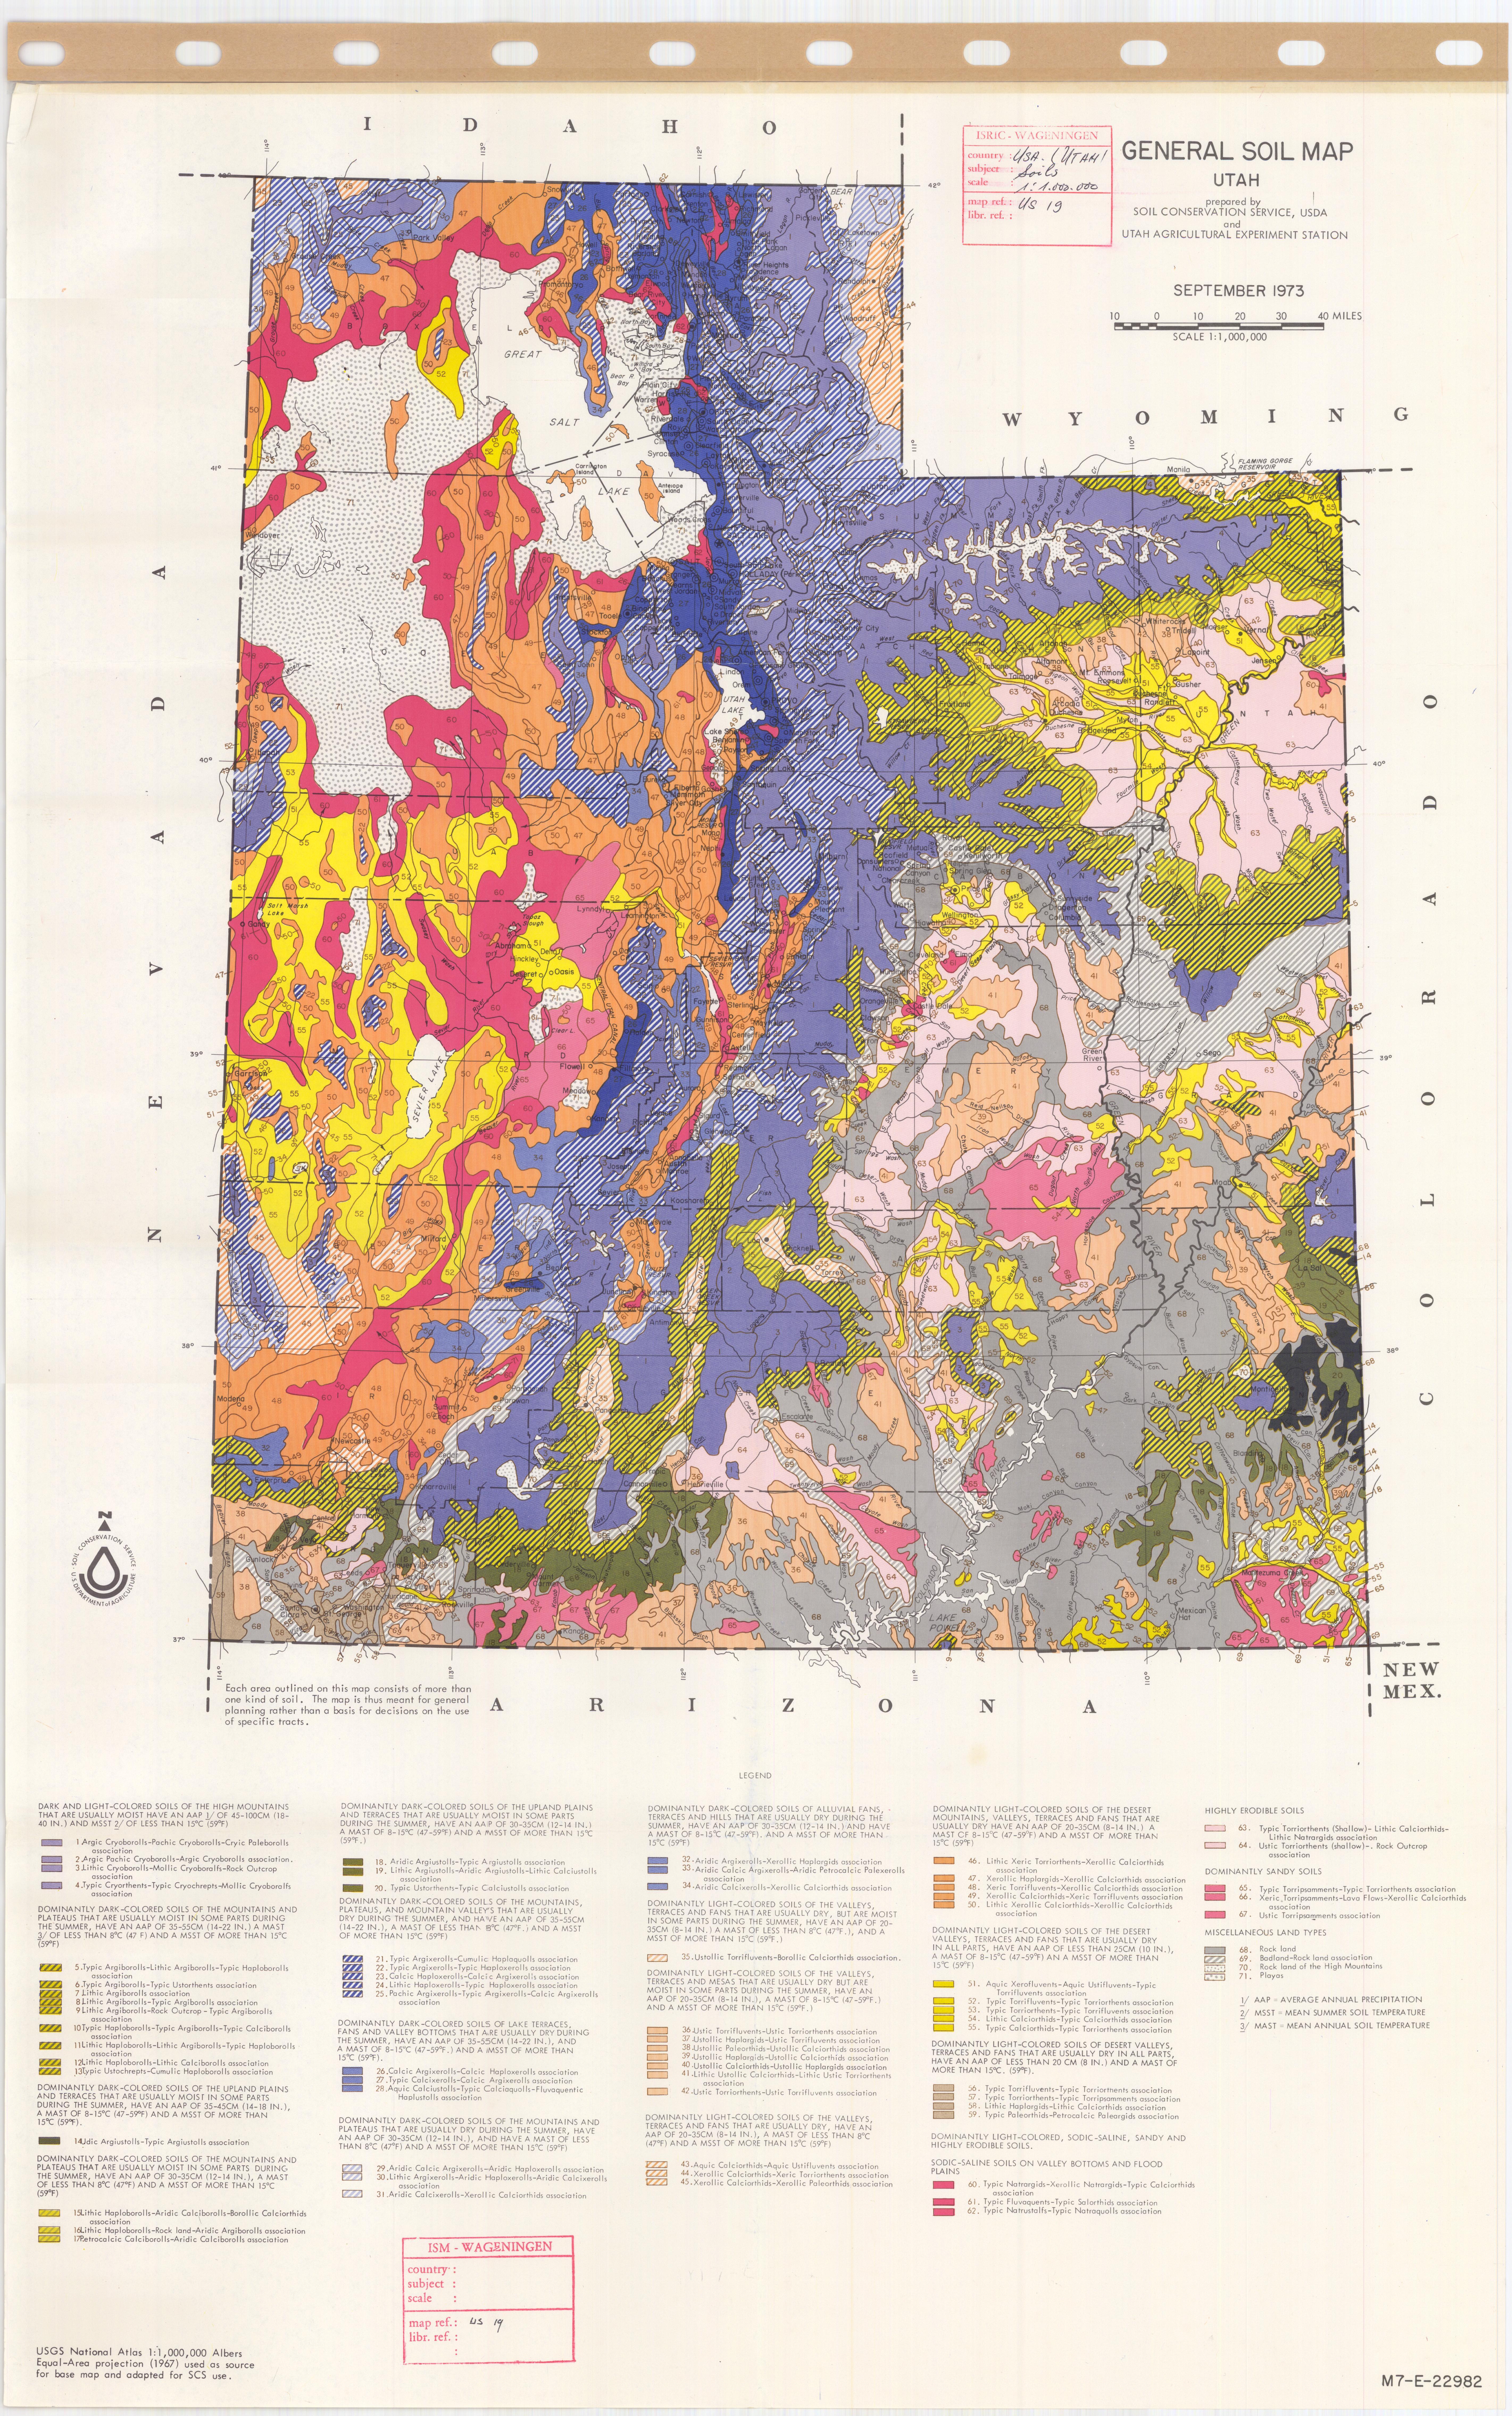 General Soil Map Utah - ESDAC - European Commission